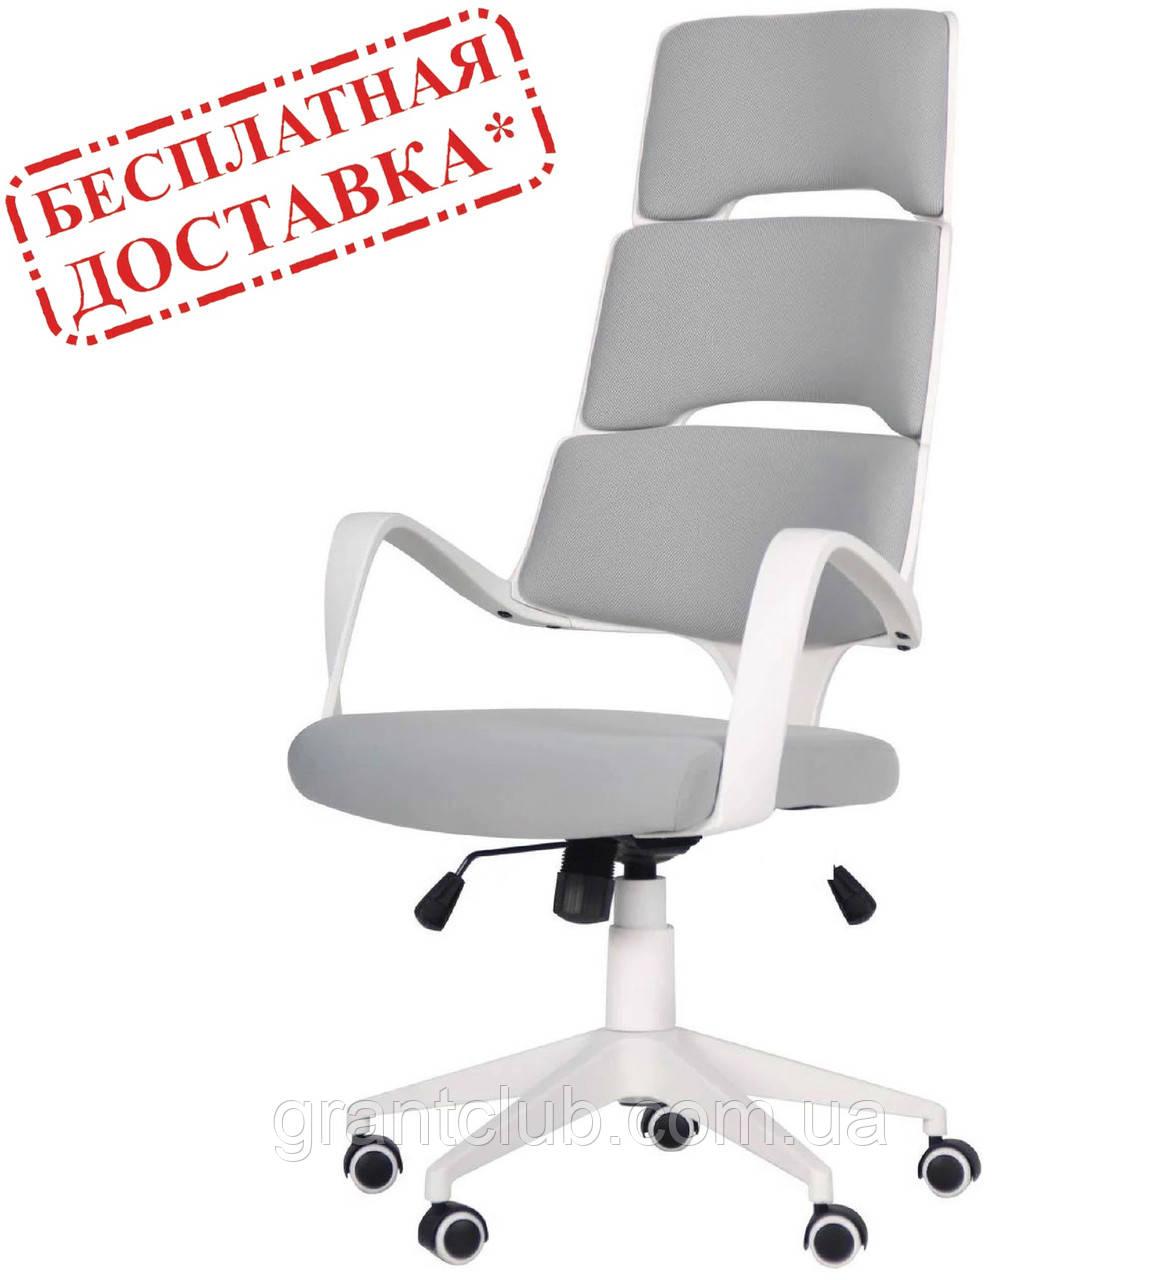 Кресло Spiral White светло-серое AMF 545587 (бесплатная адресная доставка)